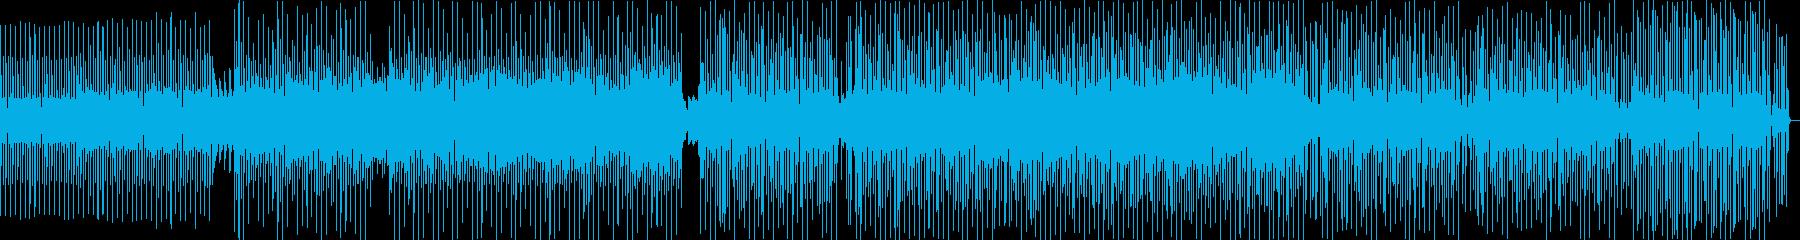 ダークでかっこいいなポップハウス曲の再生済みの波形